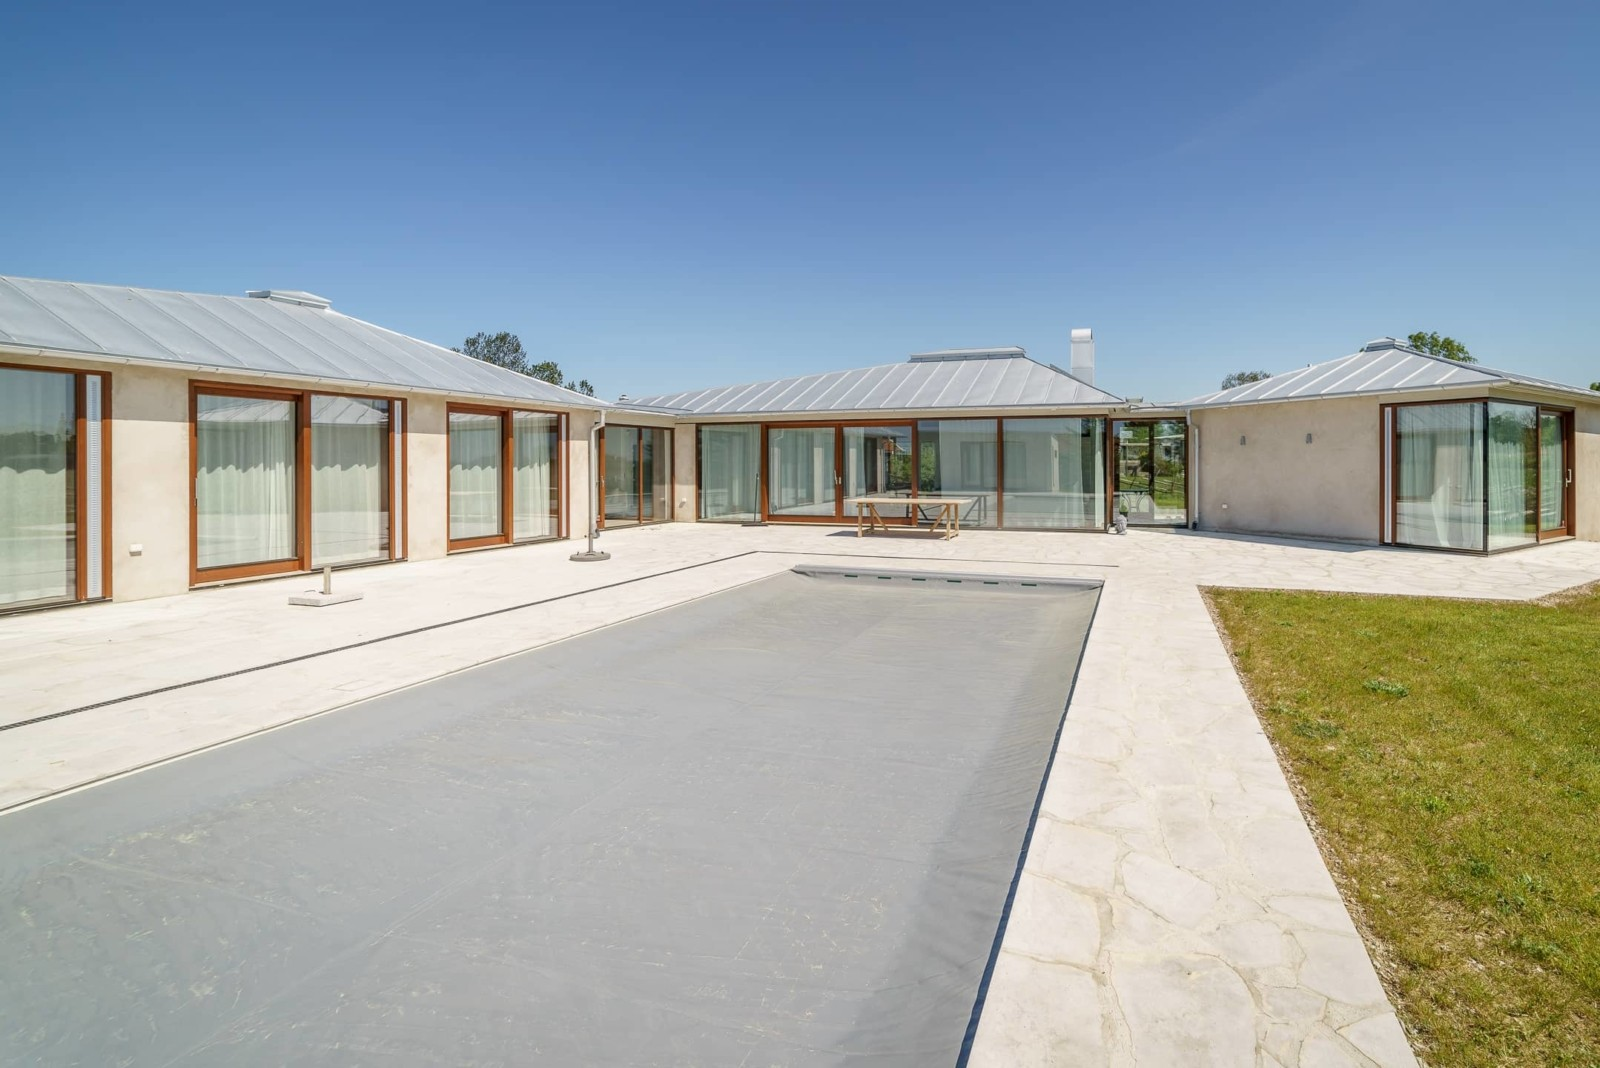 Hus nr 5 Tofta Gnisvärd 2014-2015 Nybyggnad-05